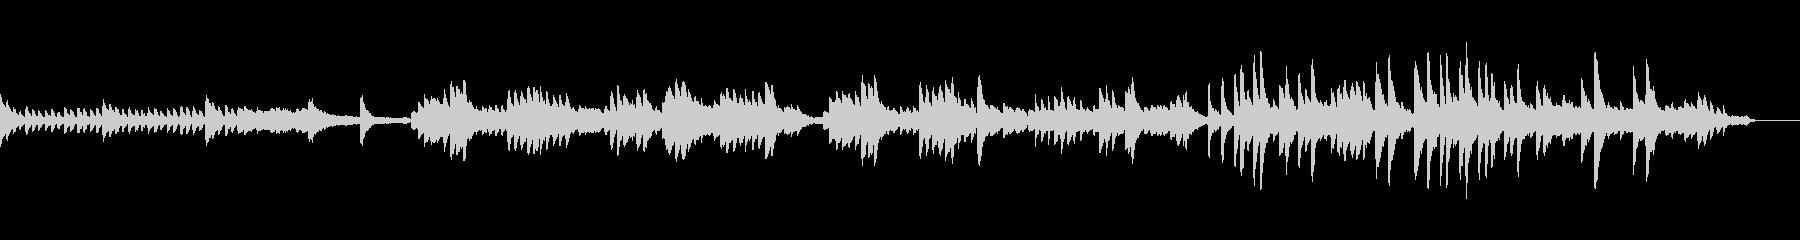 懐かしさを感じるピアノ_映像用の未再生の波形